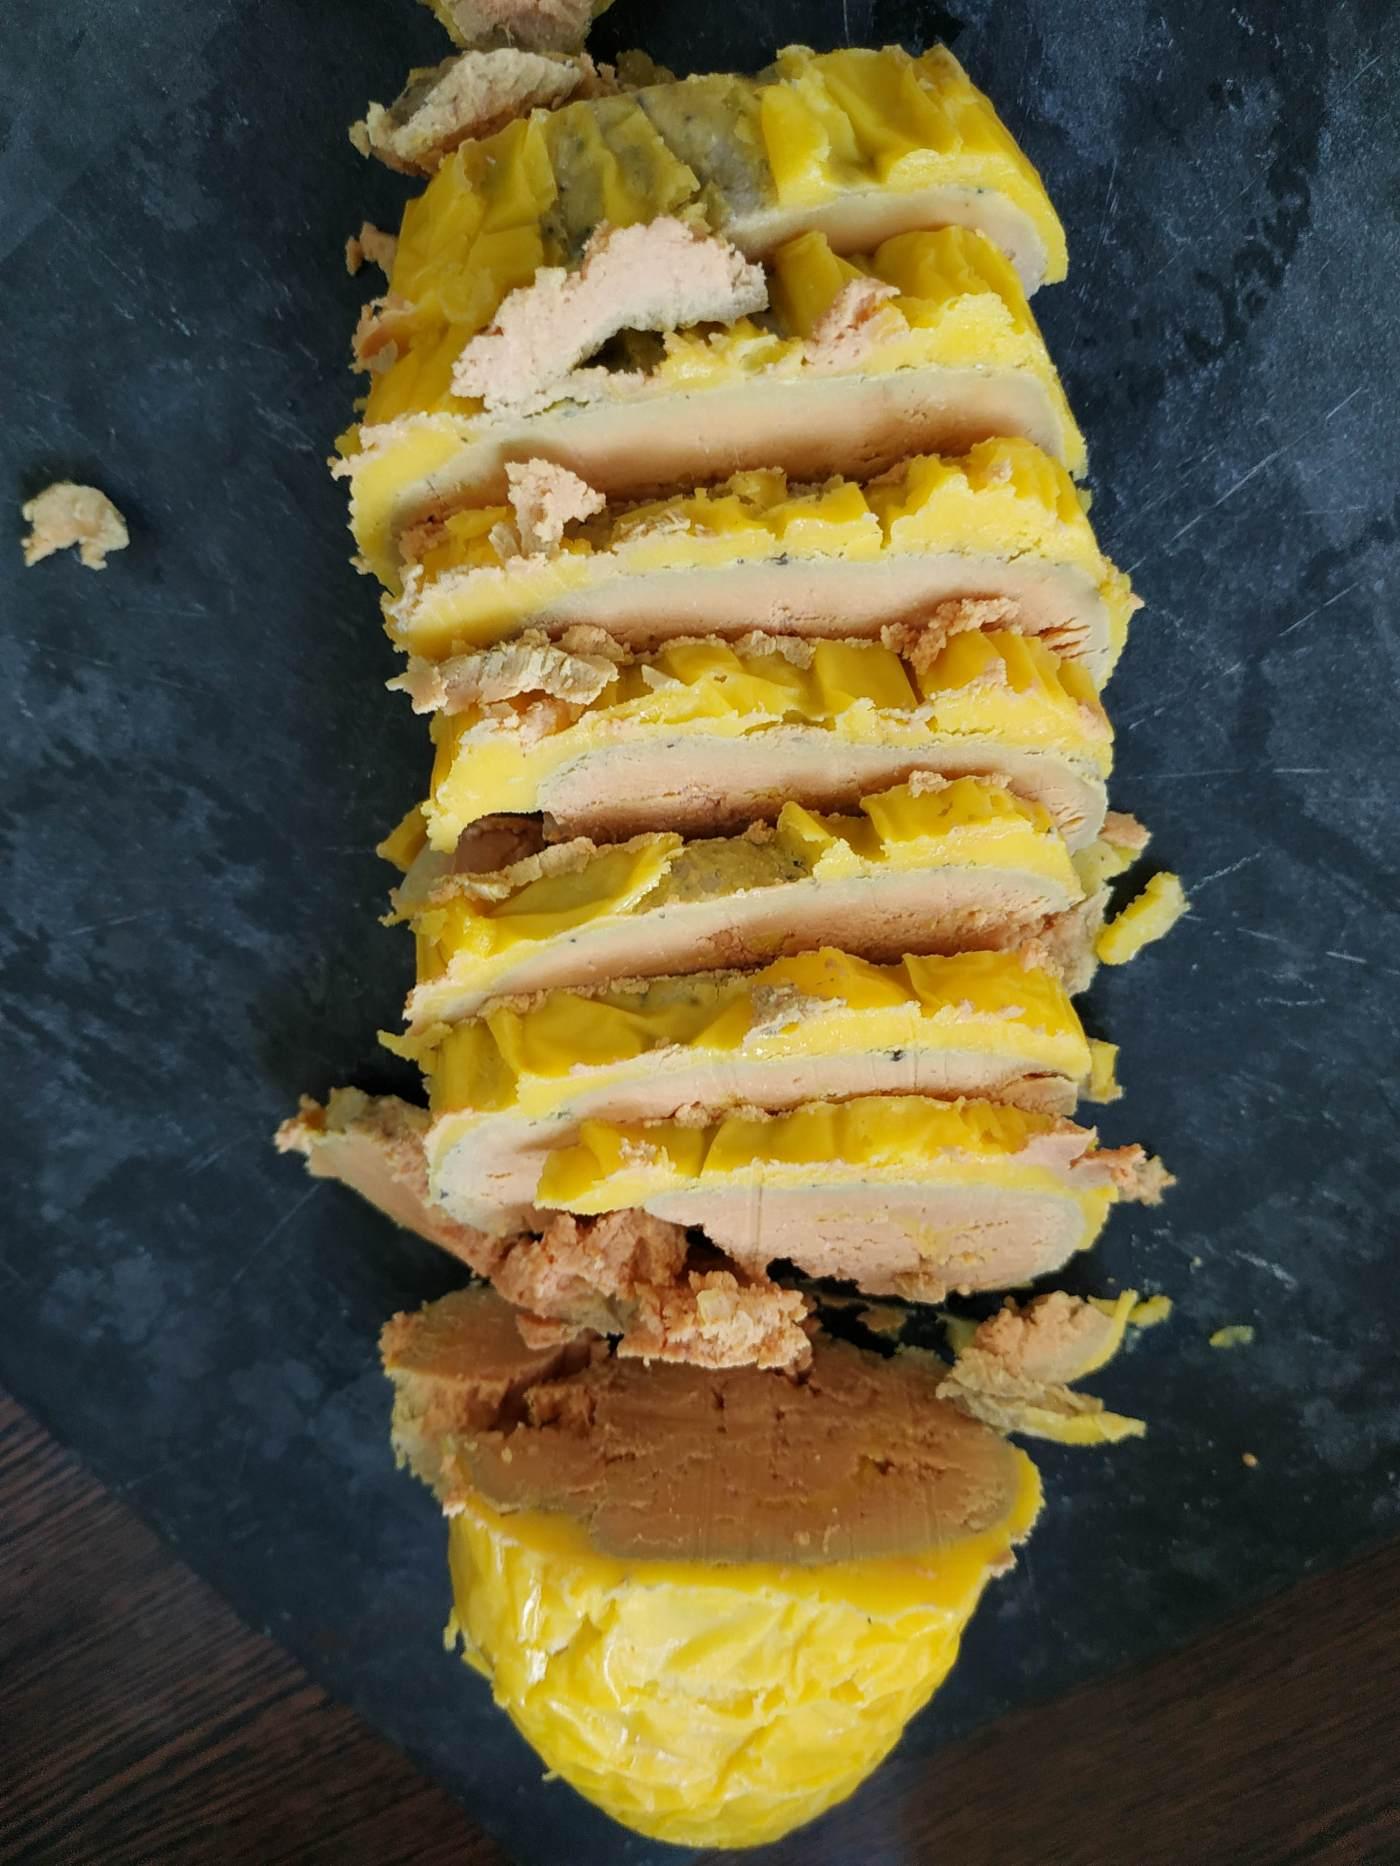 Foie gras fait maison au Ratafia tranché - Blog culinaire